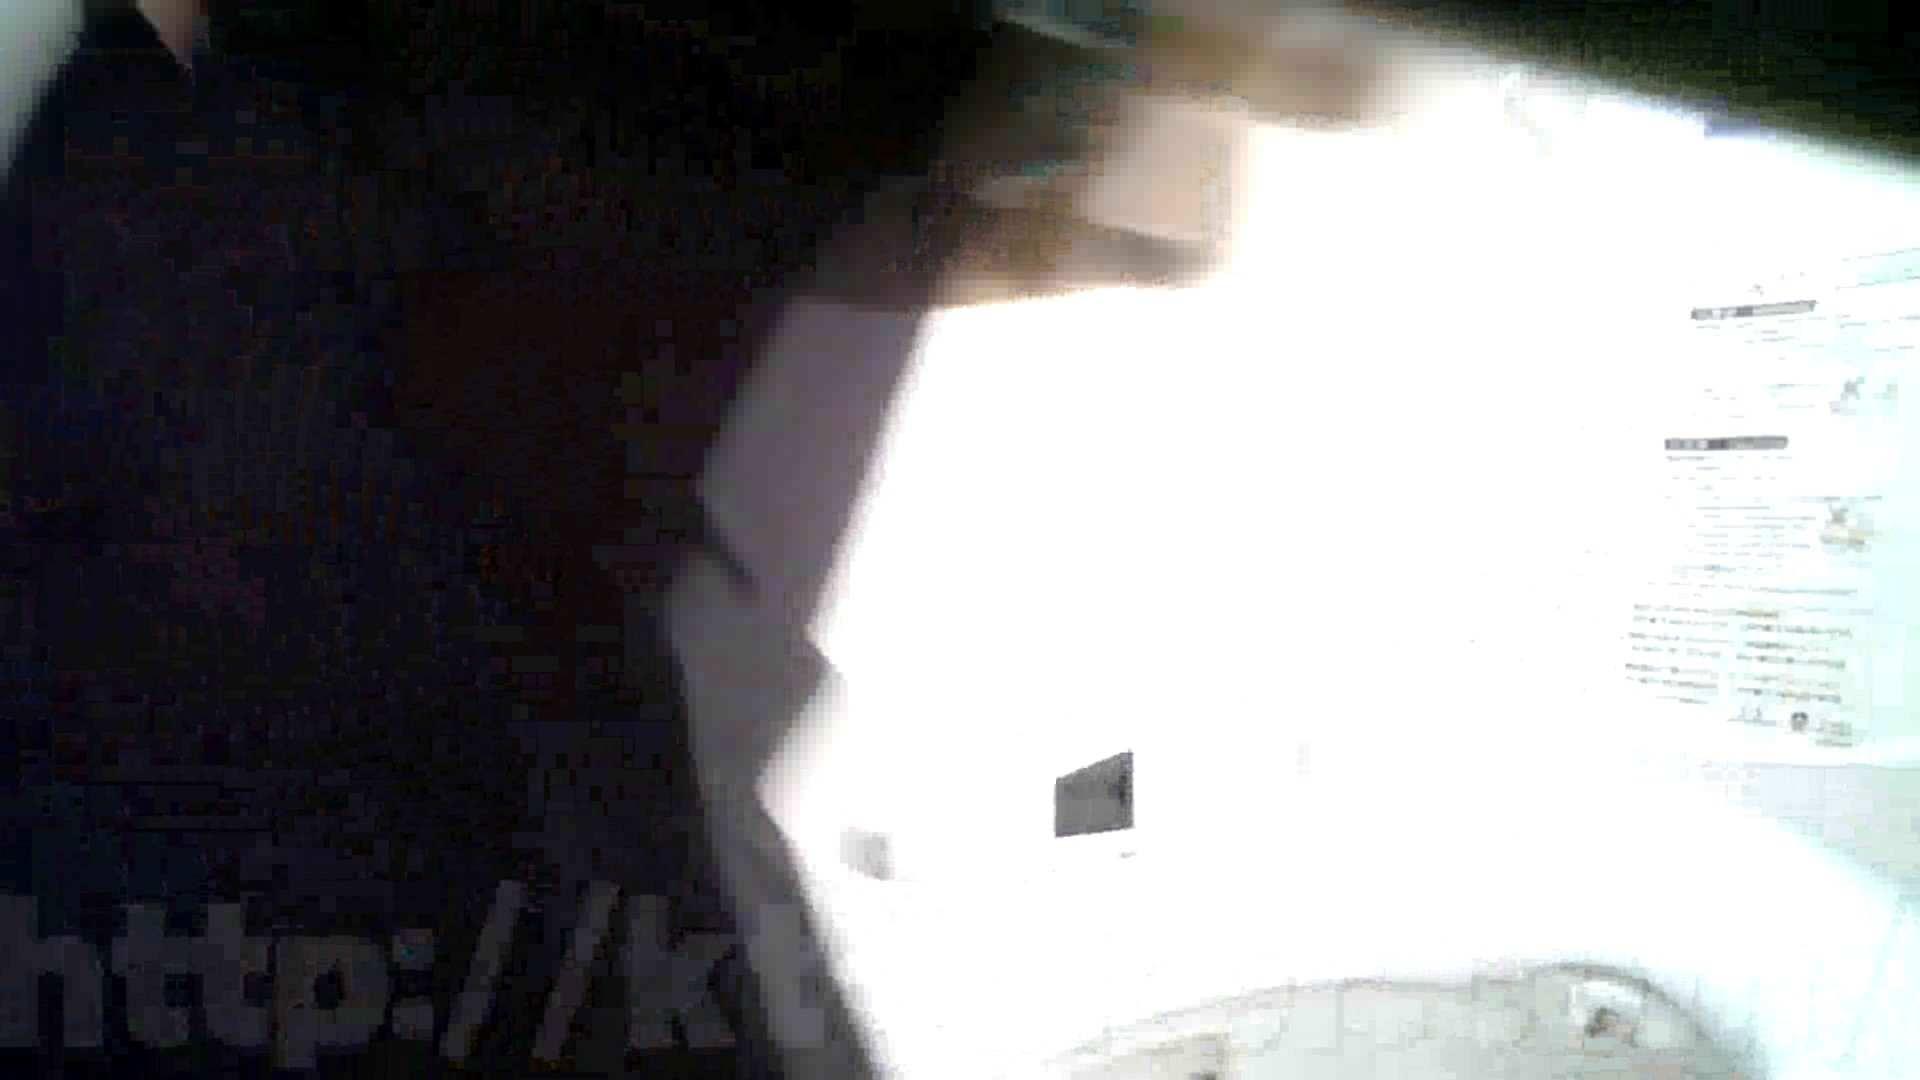 某有名大学女性洗面所 vol.32 OLのエロ生活 オメコ動画キャプチャ 103連発 67